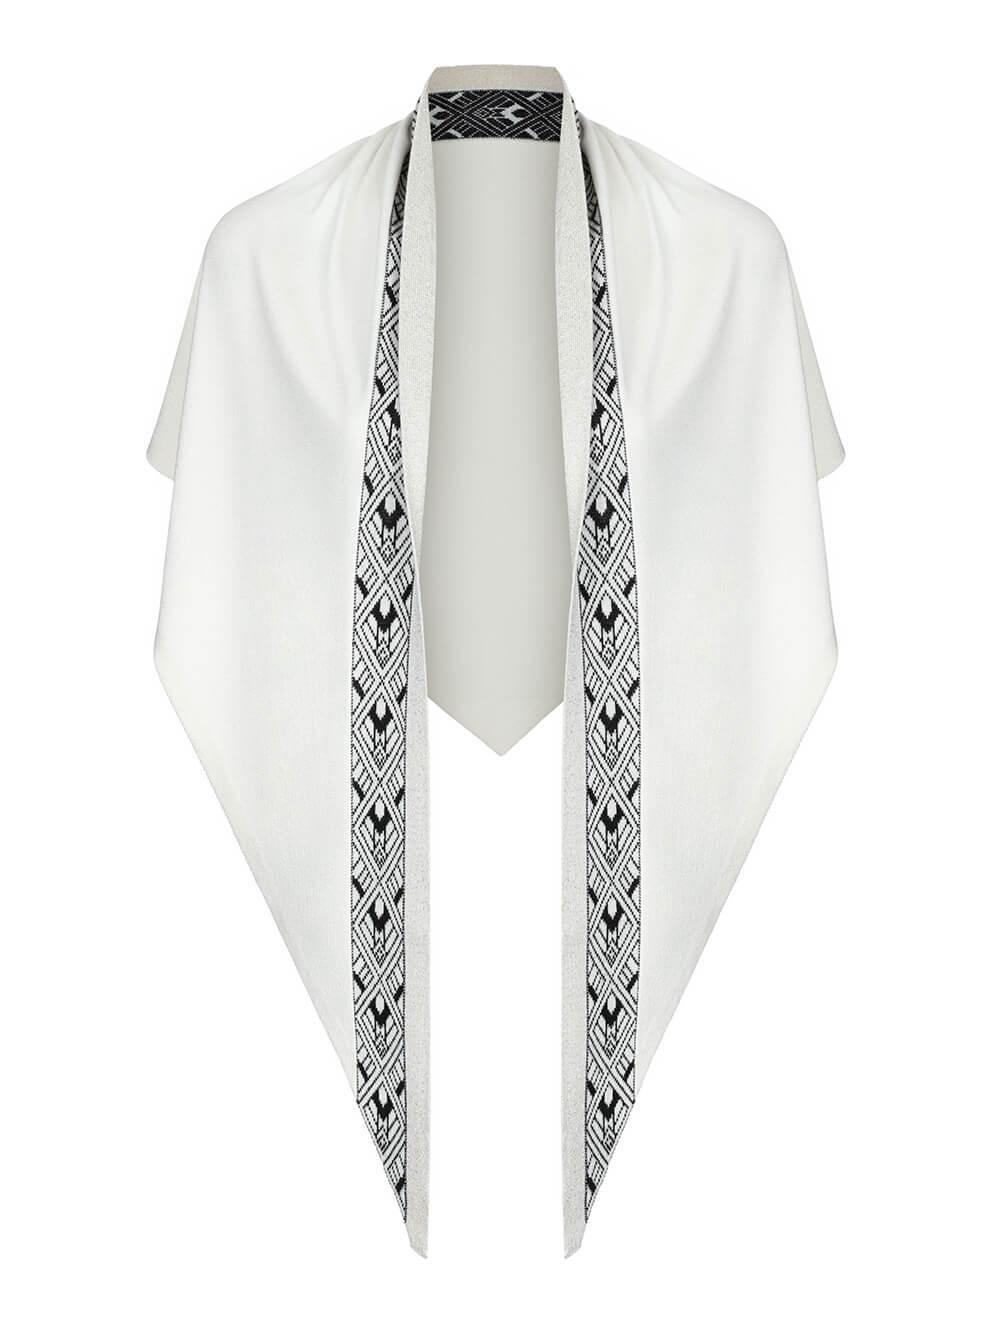 Женский платок молочного цвета из шелка и кашемира - фото 1